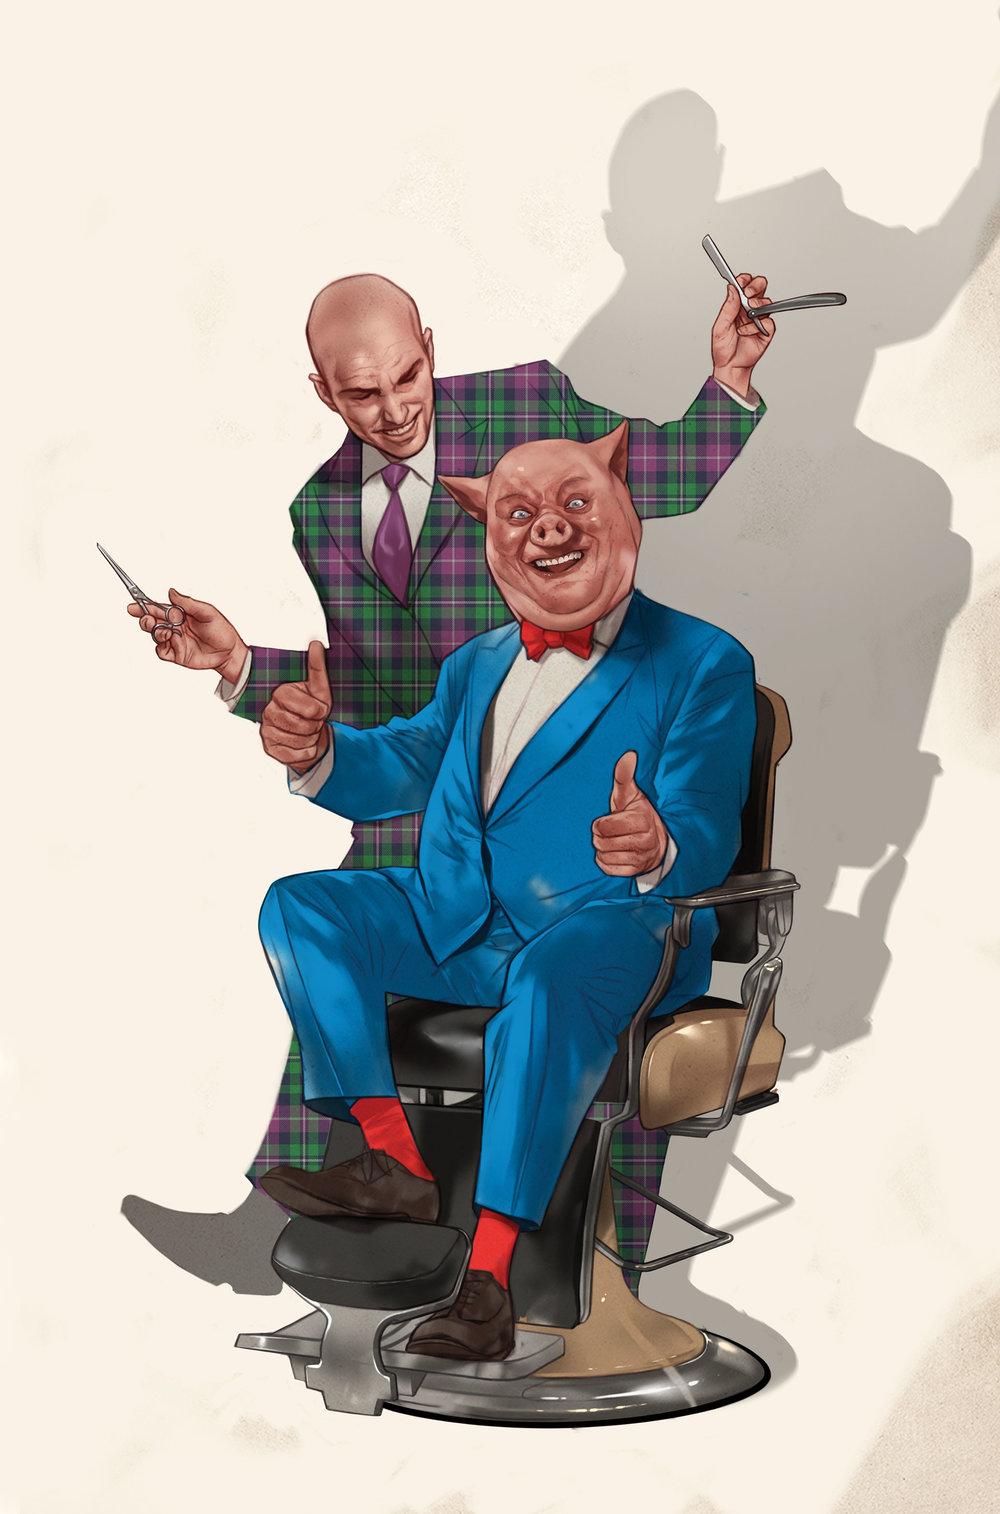 Lex_Luthor_Porky_Pig_1.jpg